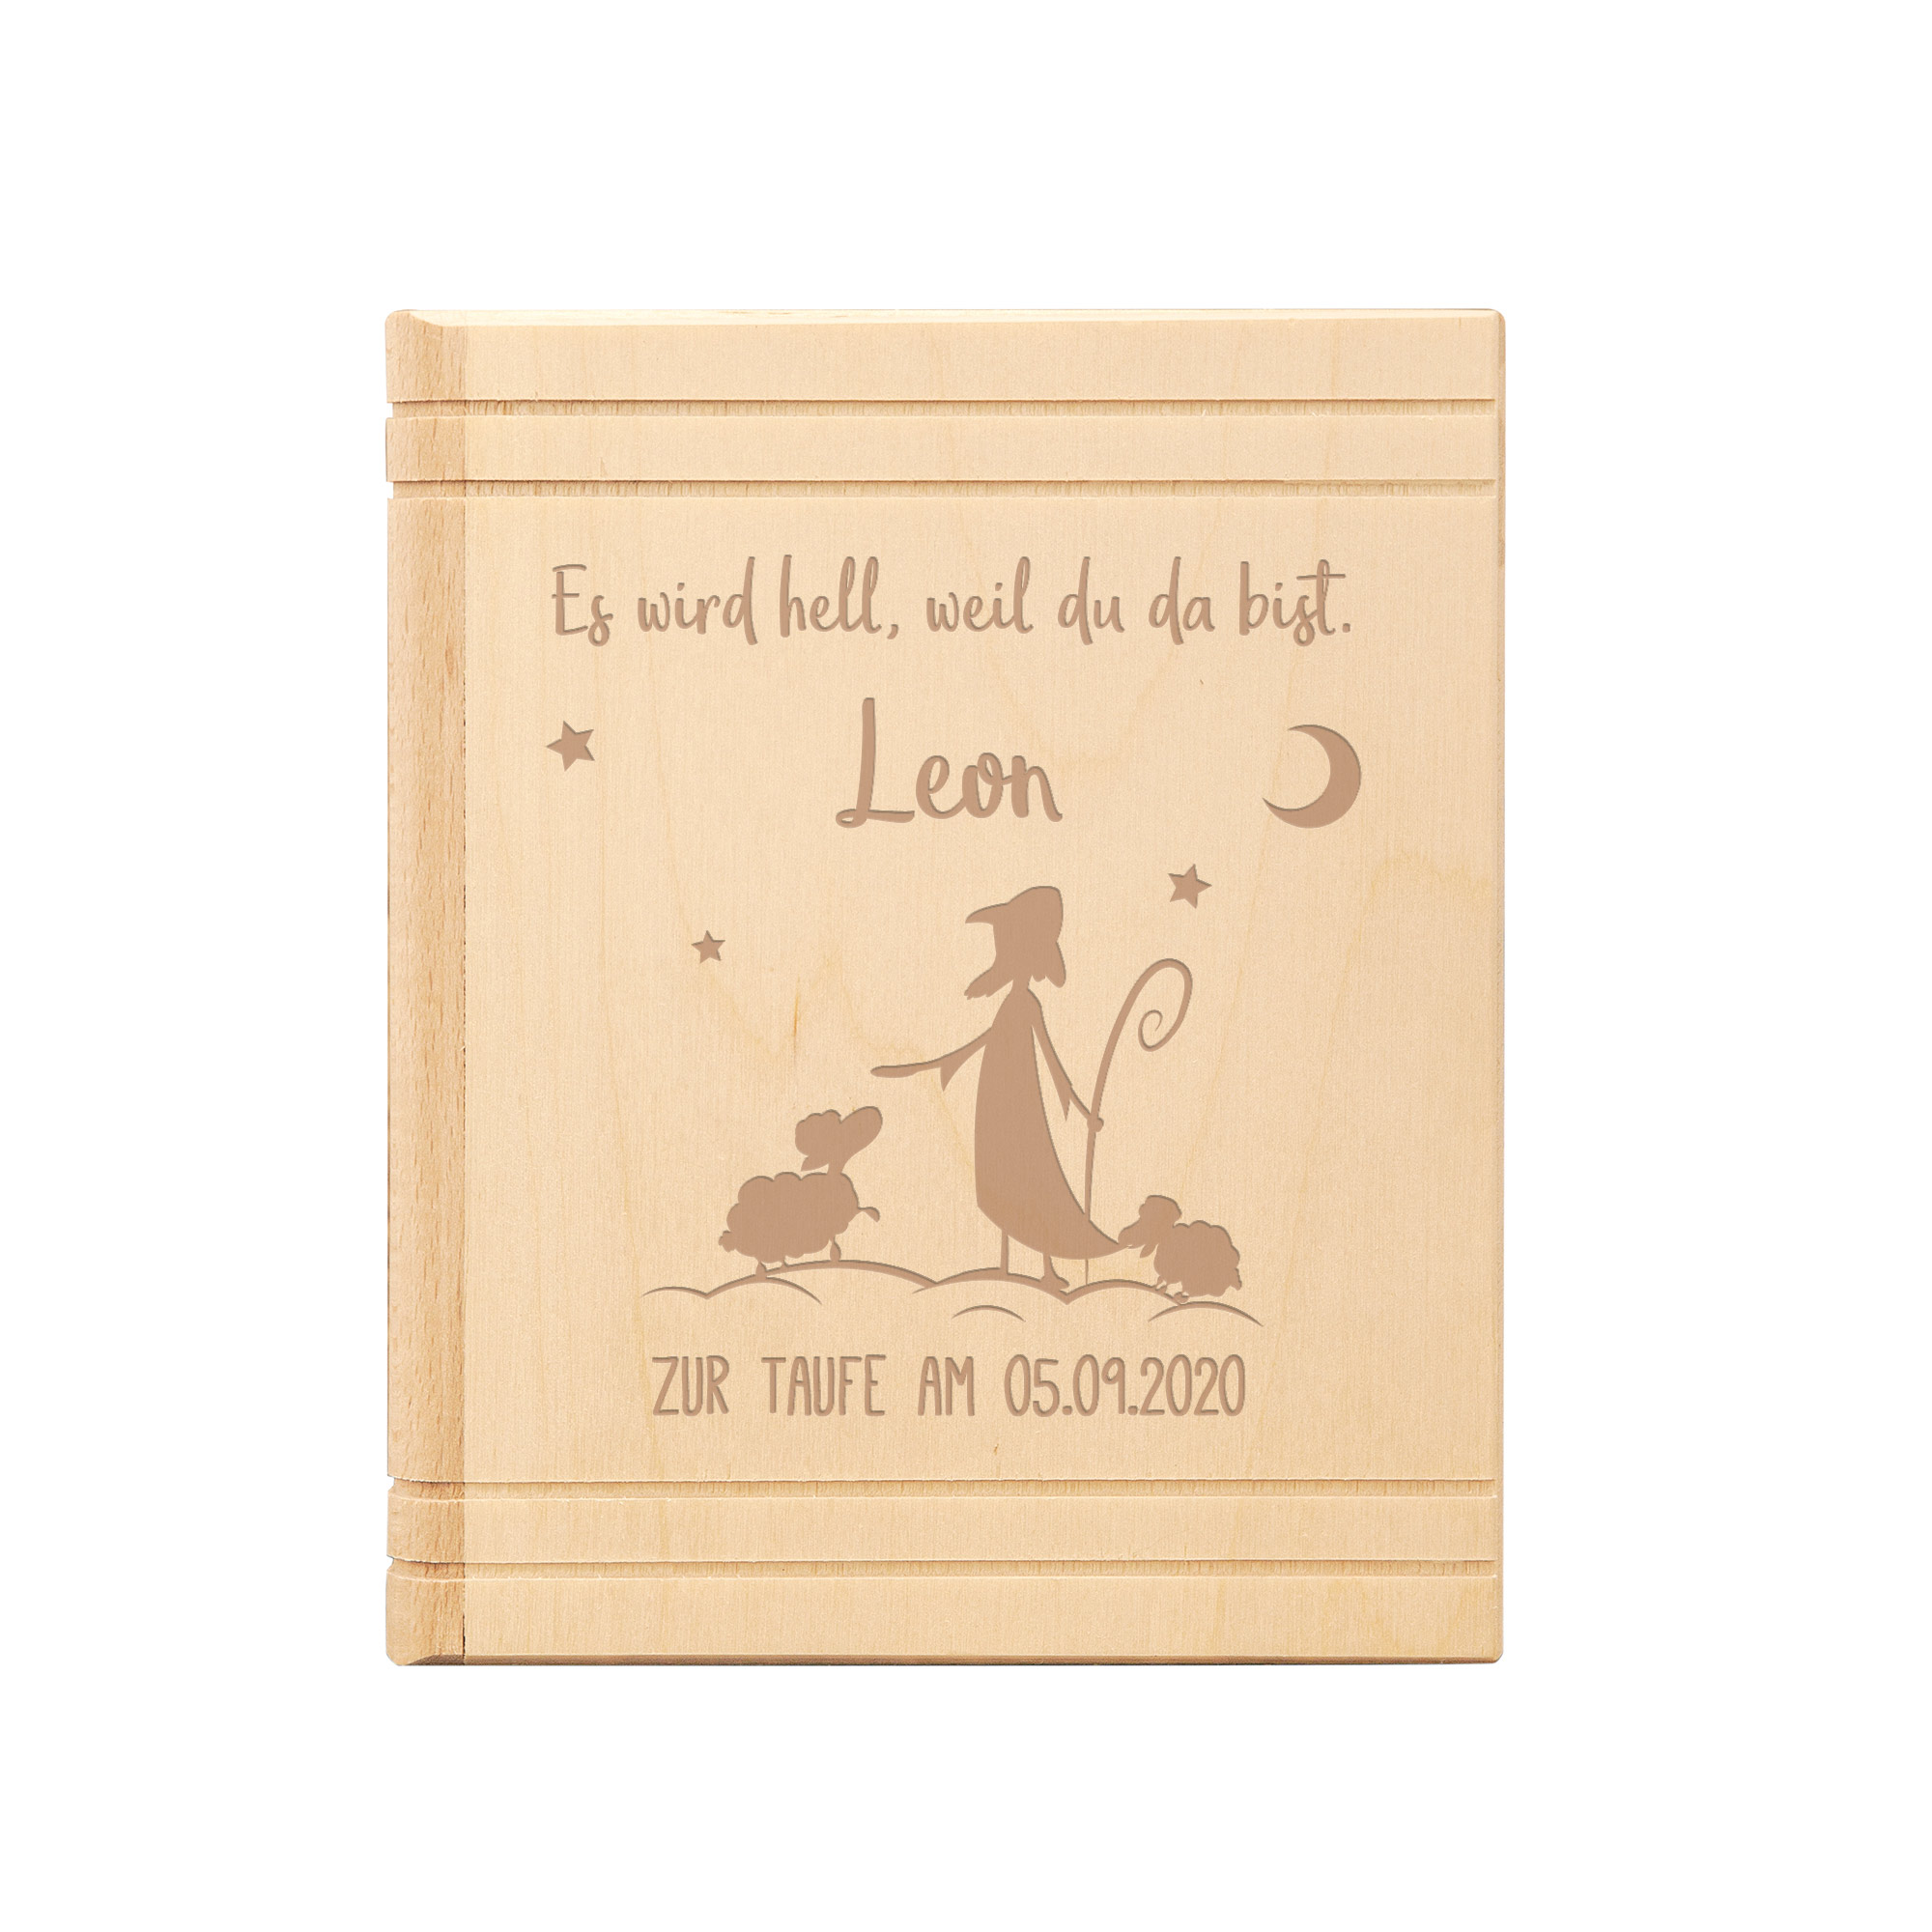 Spardose - Buch aus Holz mit Gravur zur Taufe - Hirte - Personalisiert